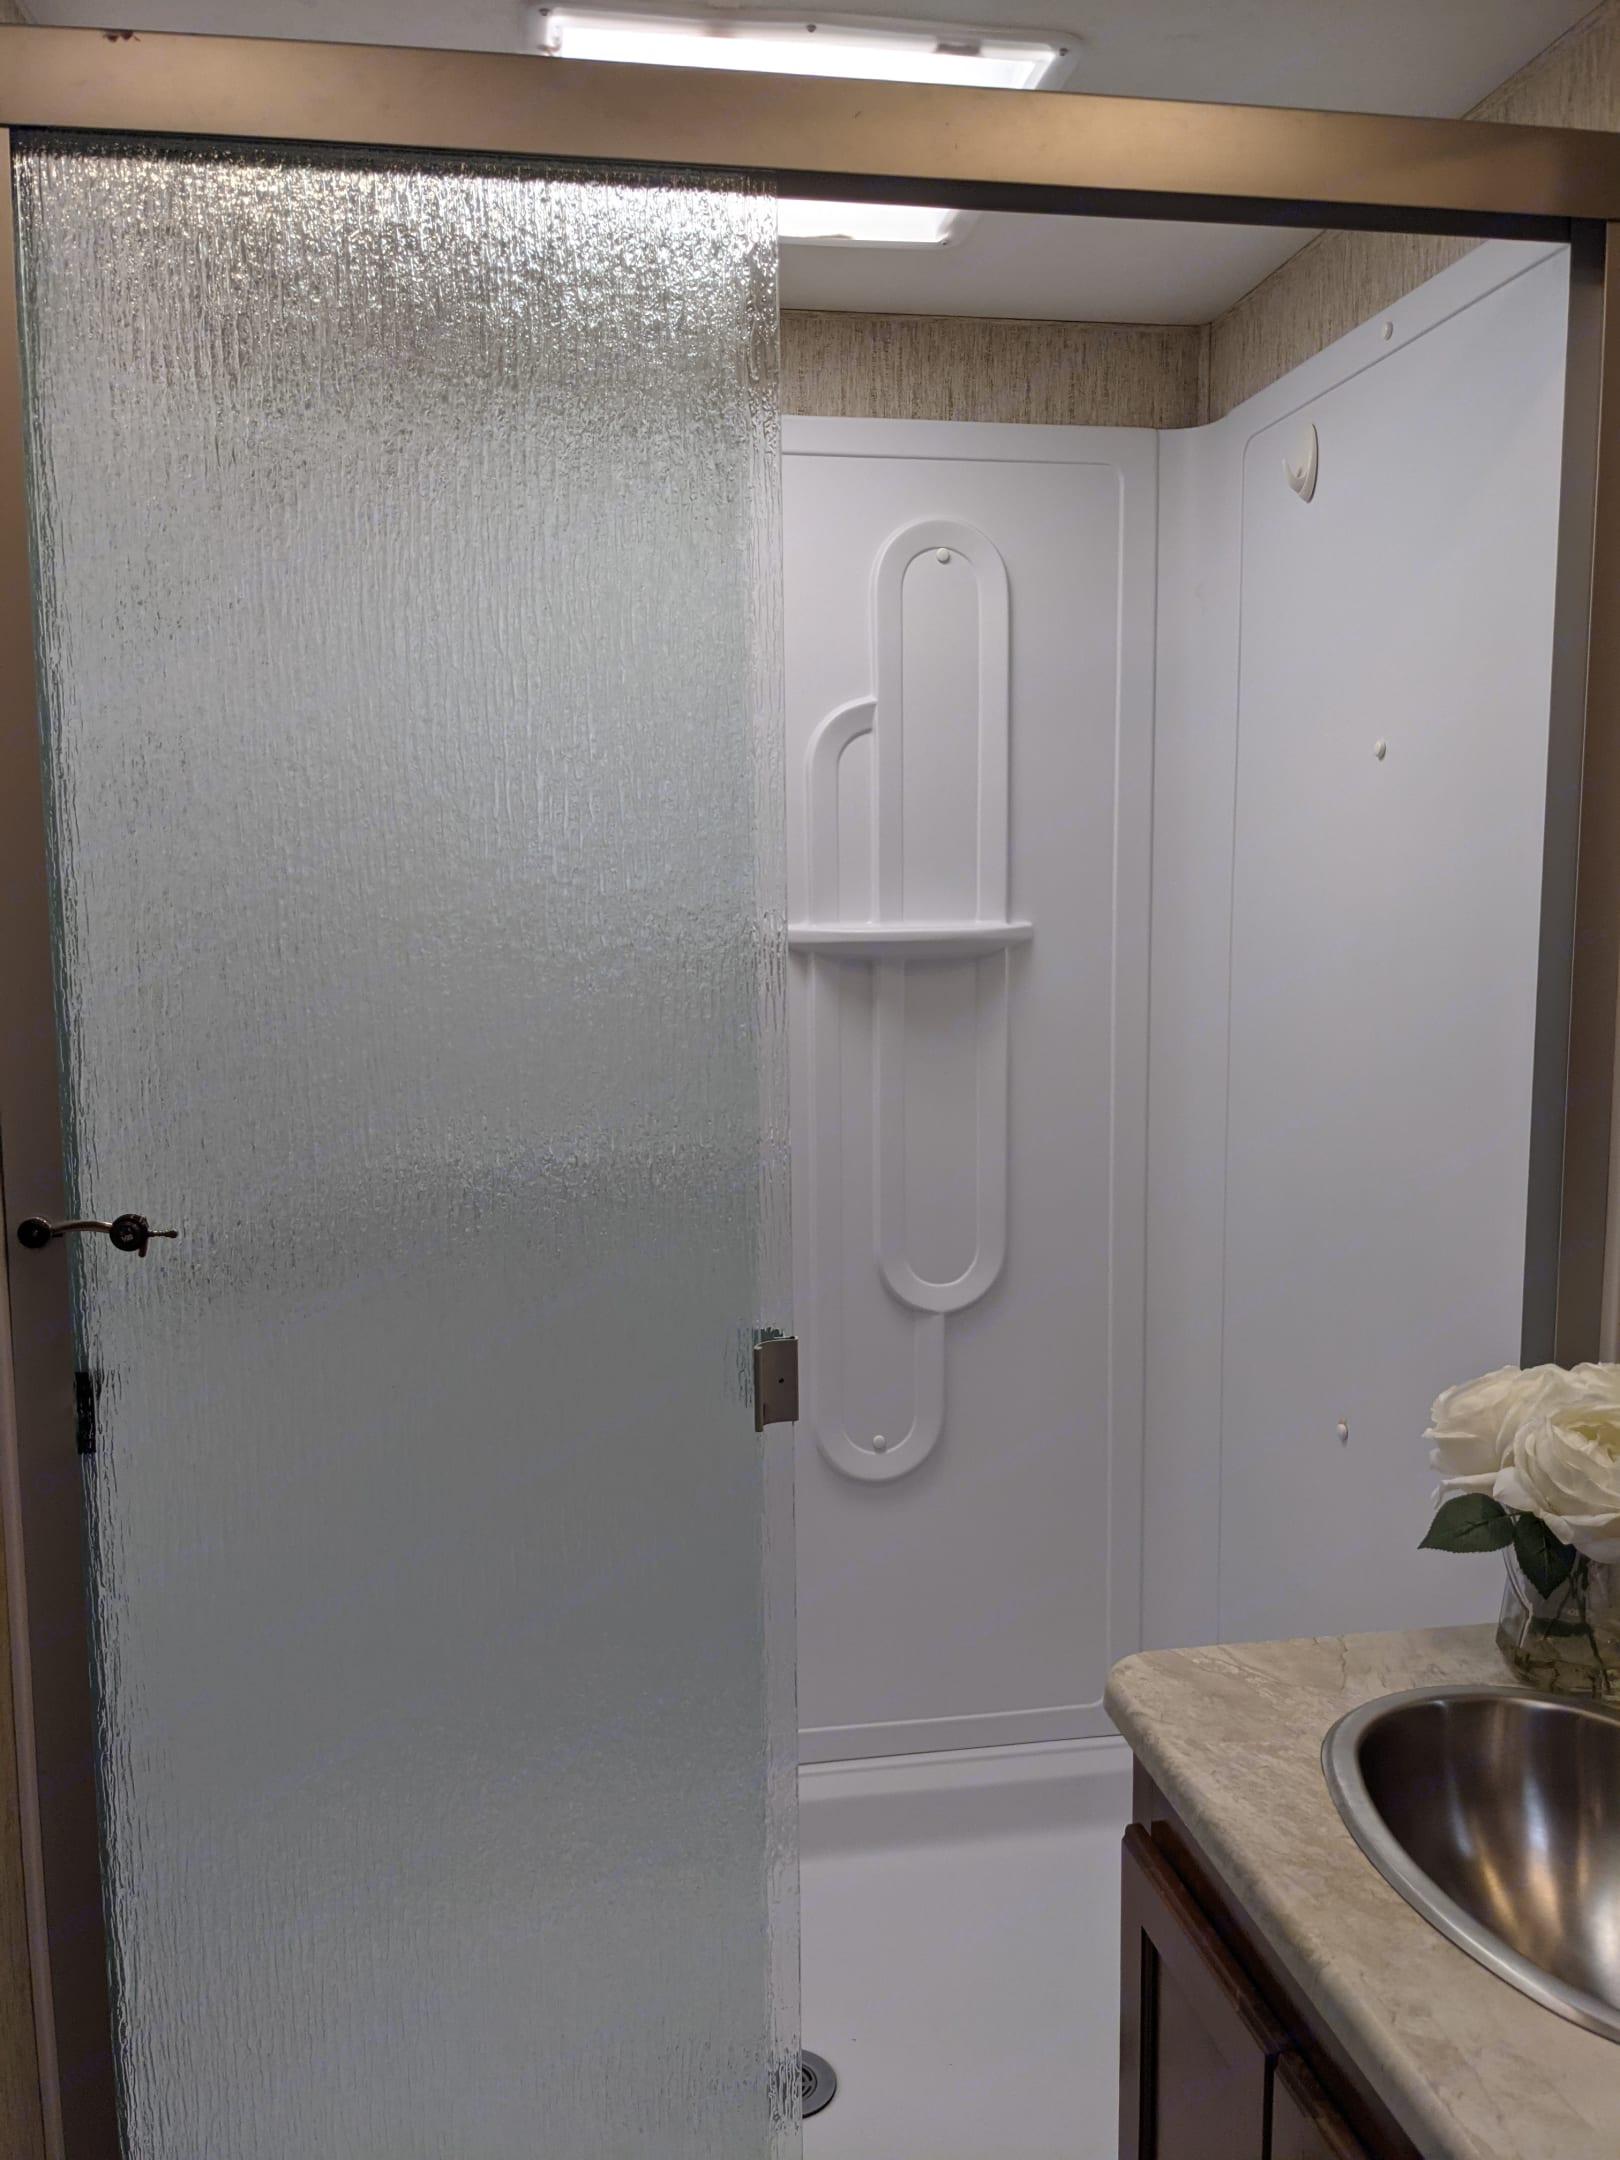 Full sized shower. Coachmen Mirada 2019